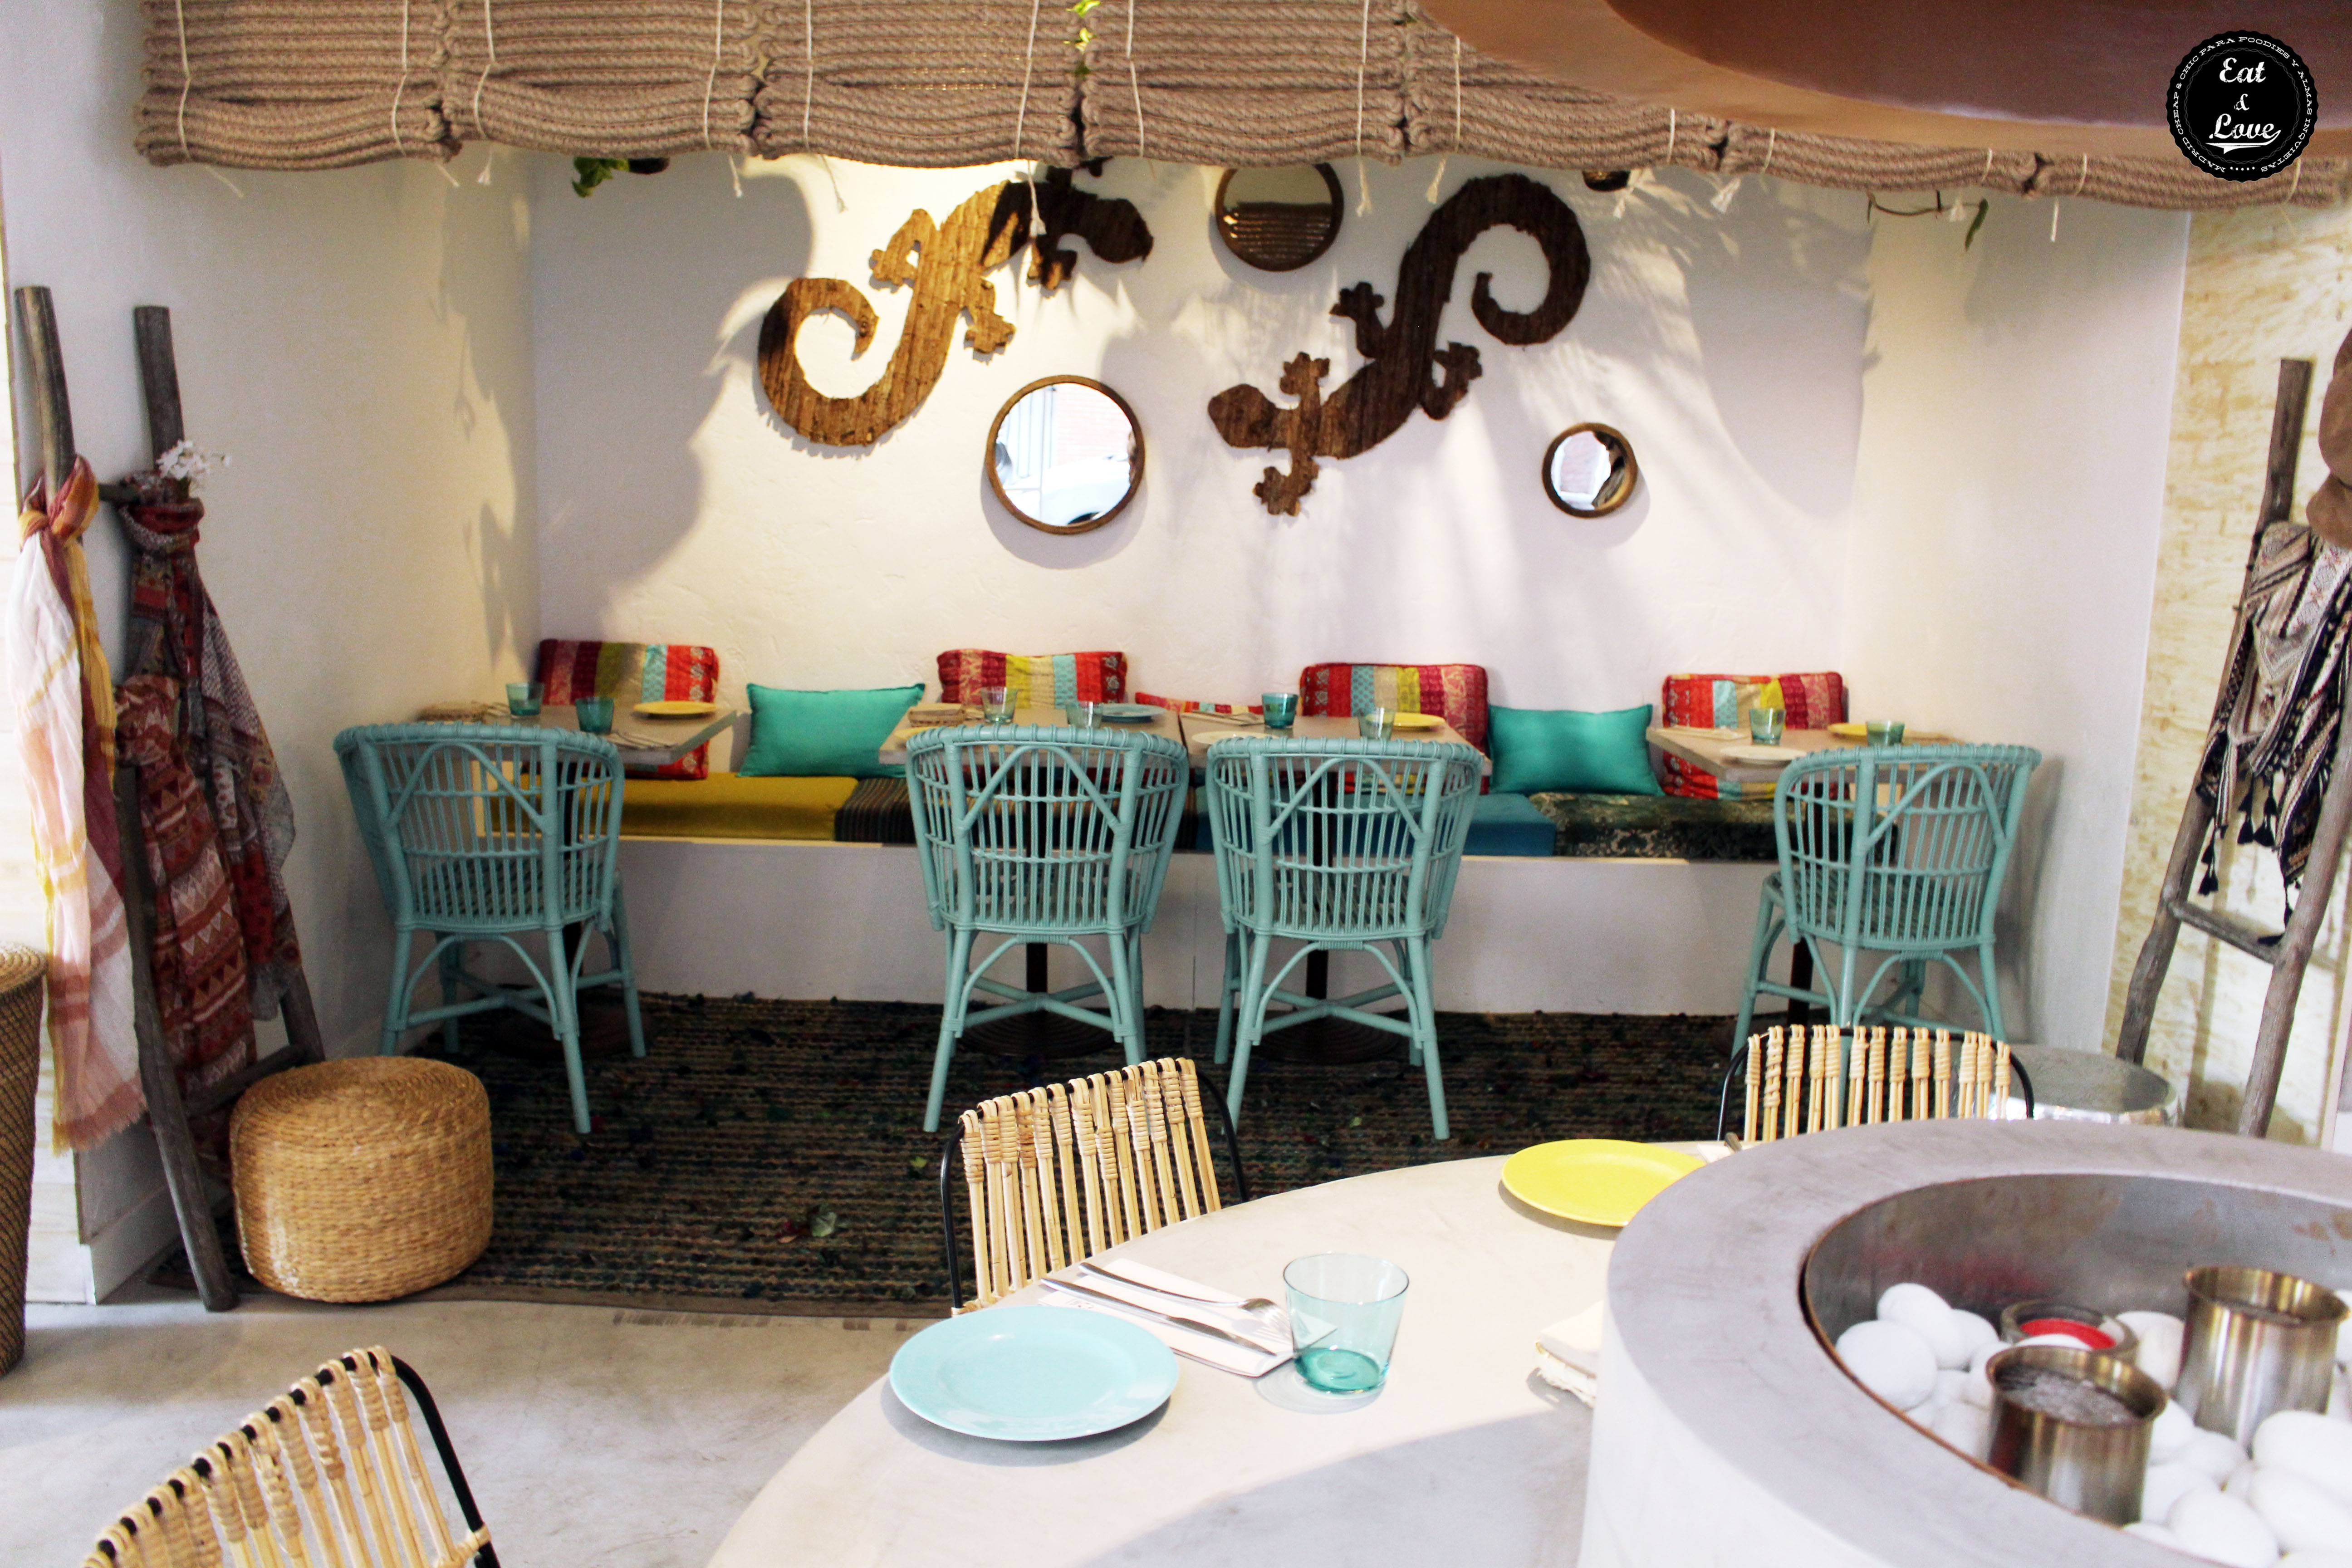 Bueno bonito barato ii 25 restaurantes divinos m s en madrid por 25 o menos eat love - Decoraciones de bares ...